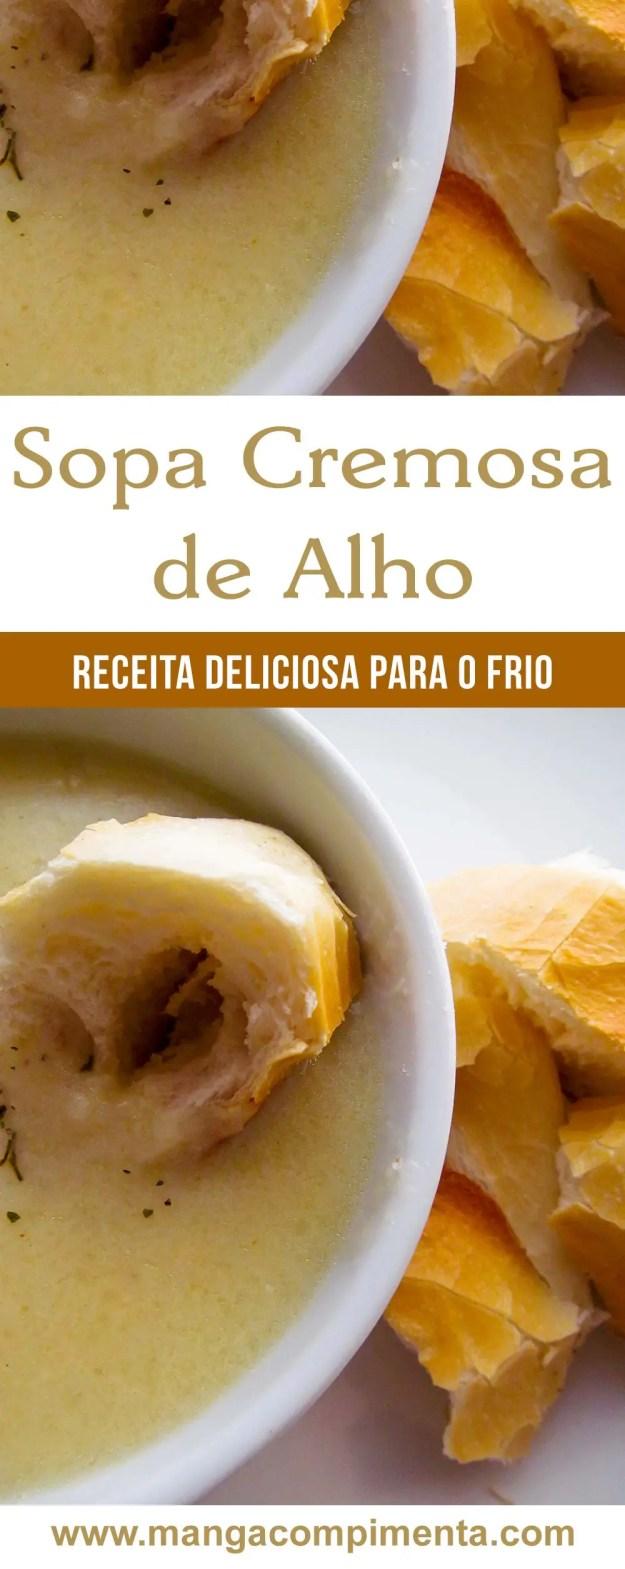 Sopa cremosa de Alho - um delicioso prato para os dias frios de inverno!